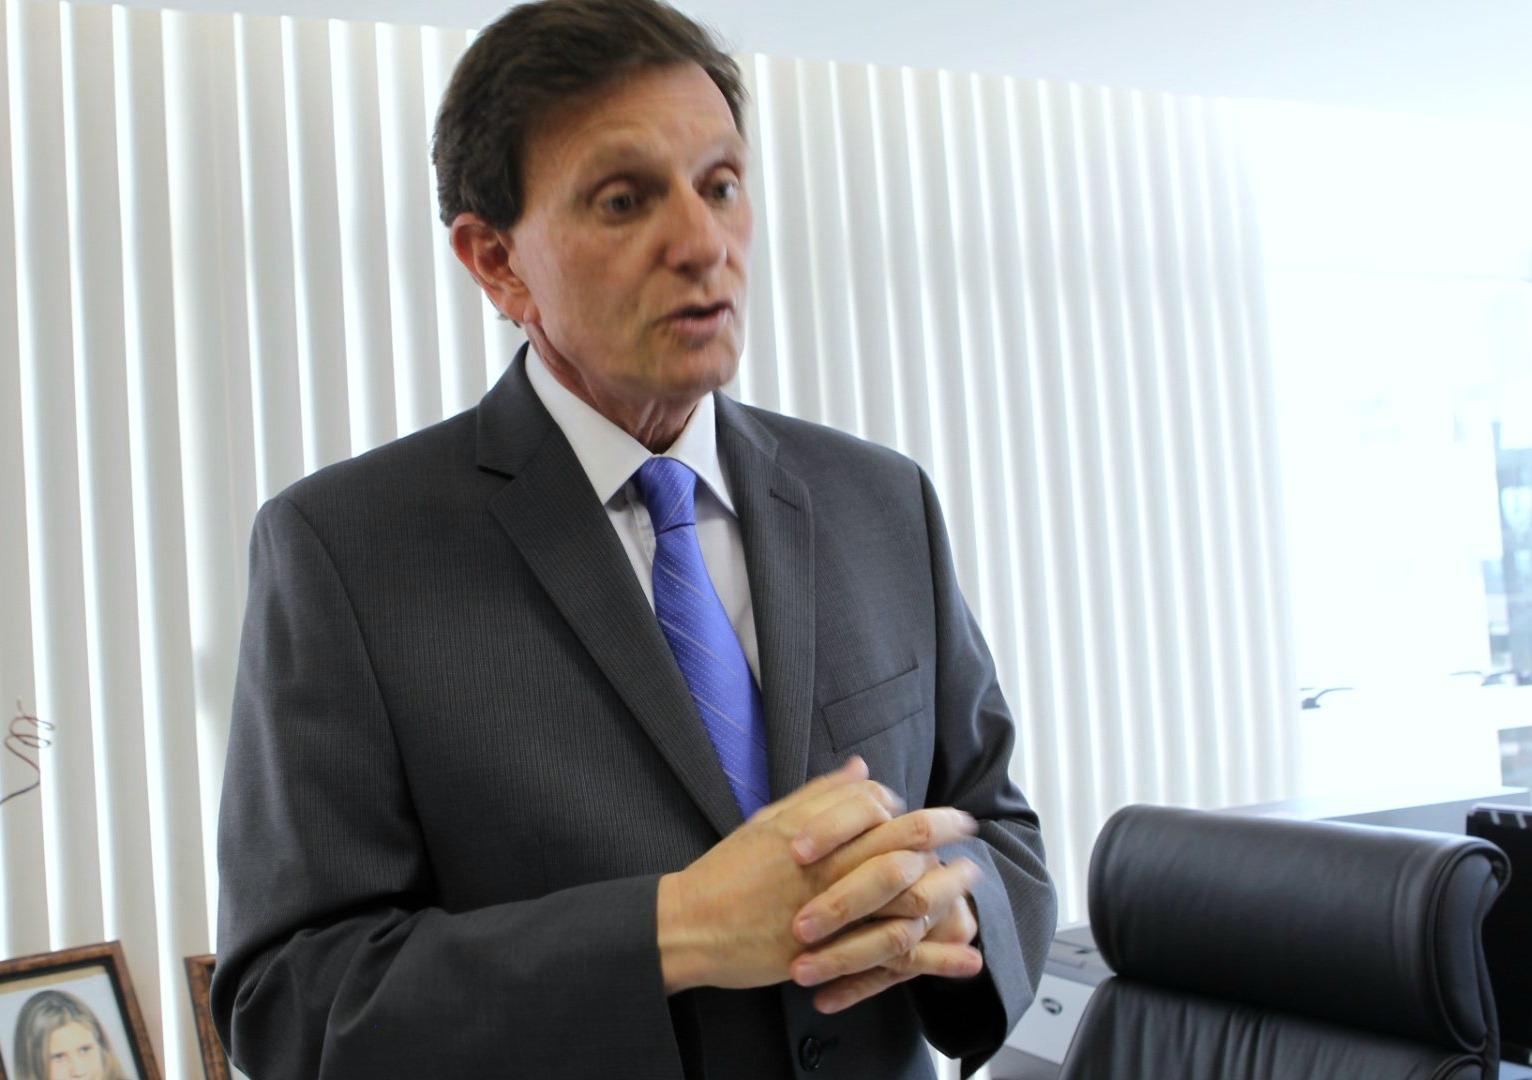 Justiça torna Marcelo Crivella réu após denúncia do Ministério Público